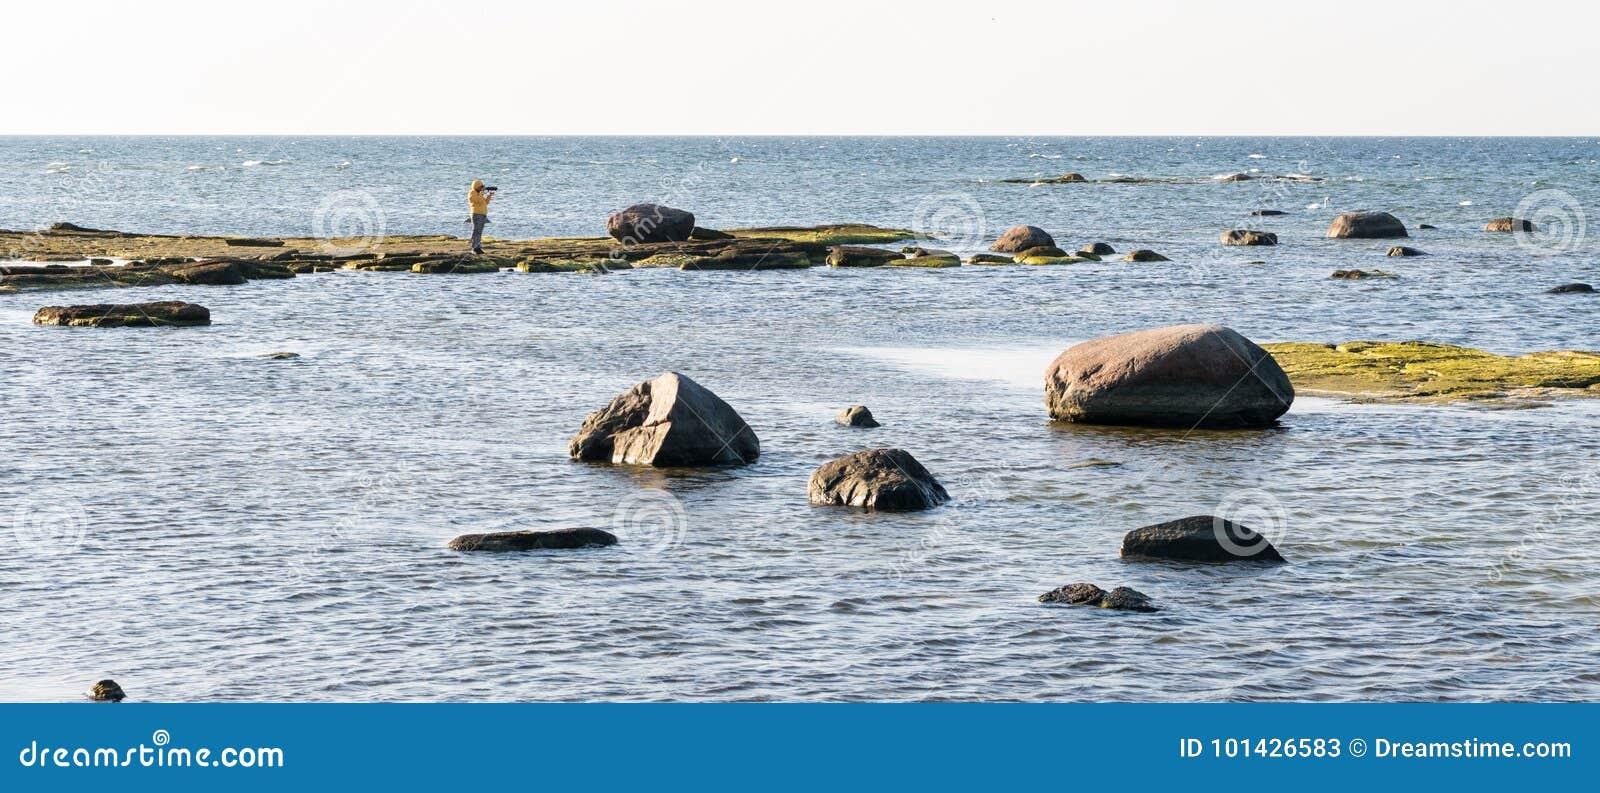 Żeński fotograf bierze fotografię na wyspie z dwa łabędź Panoramiczny wizerunek morze z skałami